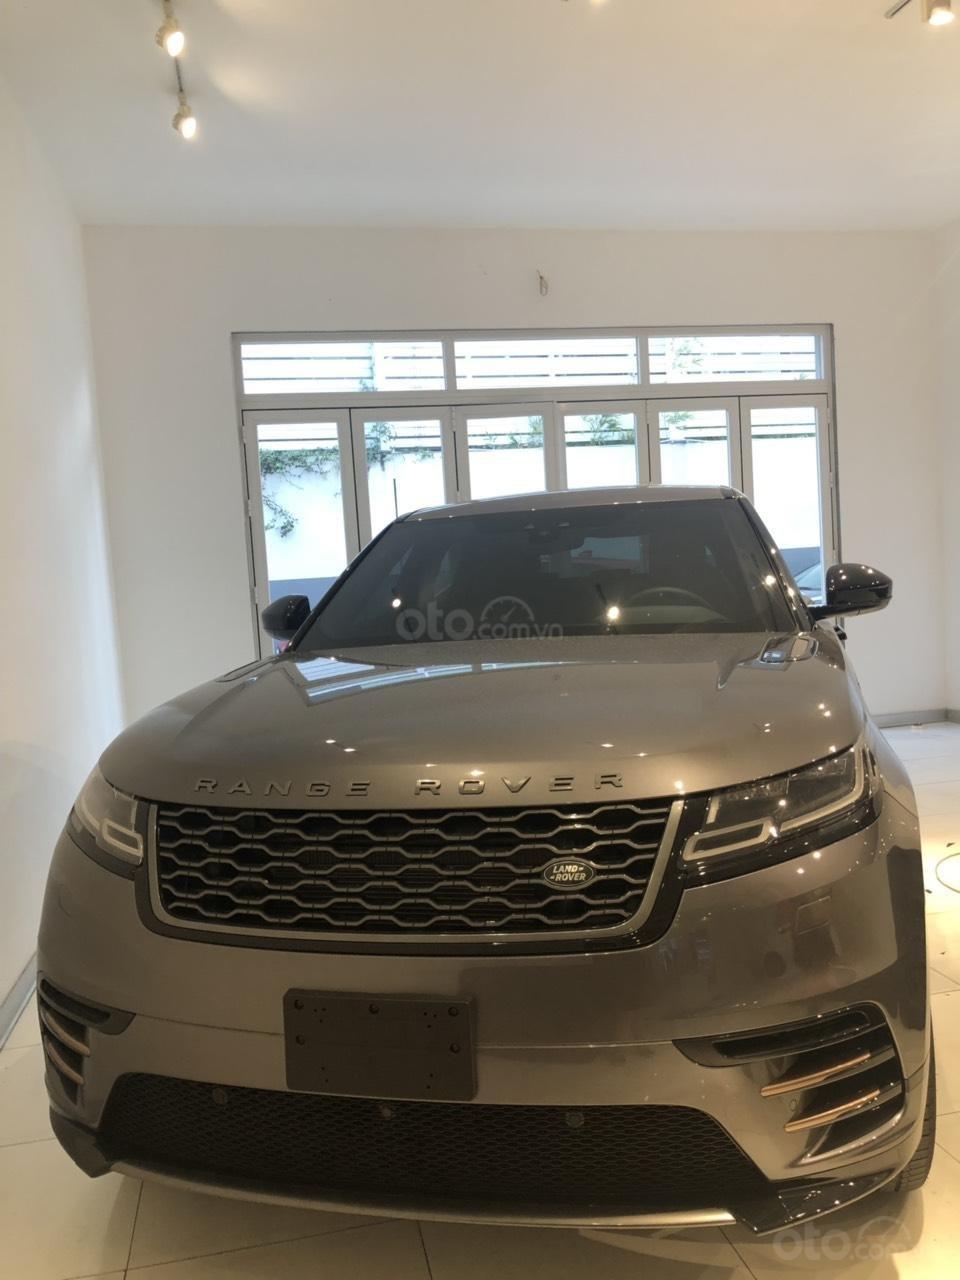 Chính chủ bán LandRover Range Rover Velar đời 2019, màu vàng đồng, xe nhập chính hãng, giá tốt (1)